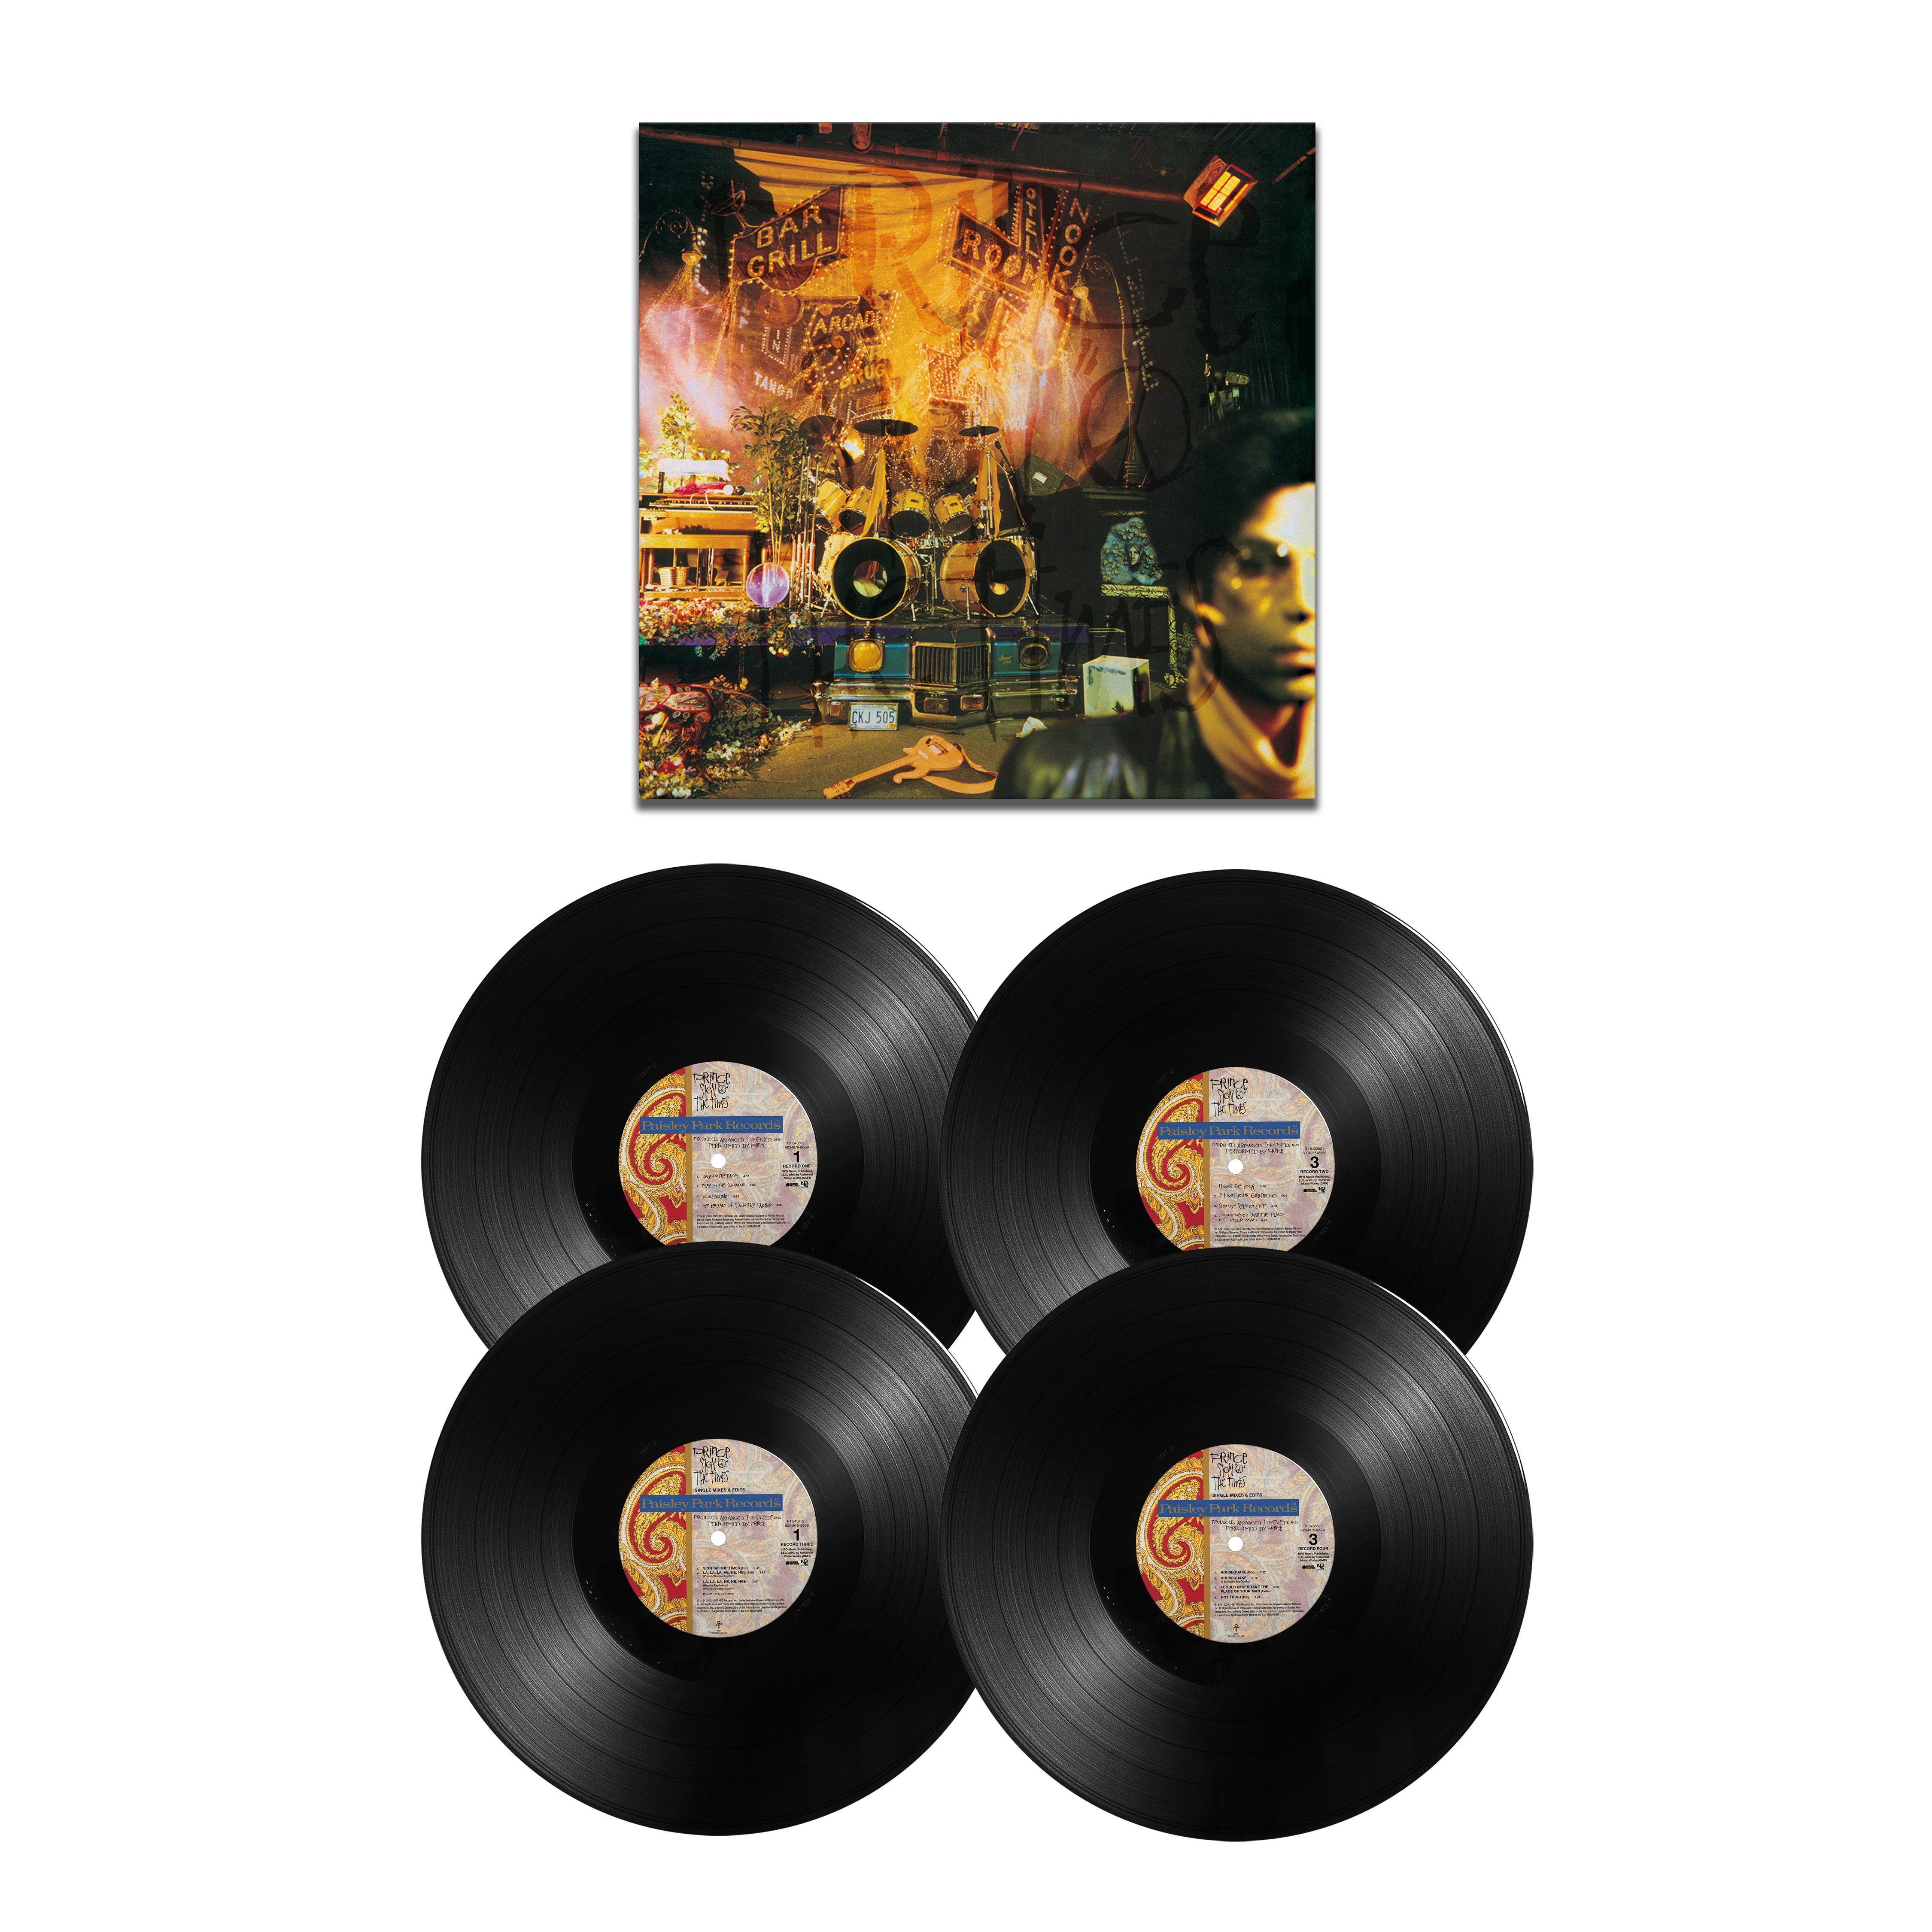 SOTT-4-LP-Deluxe